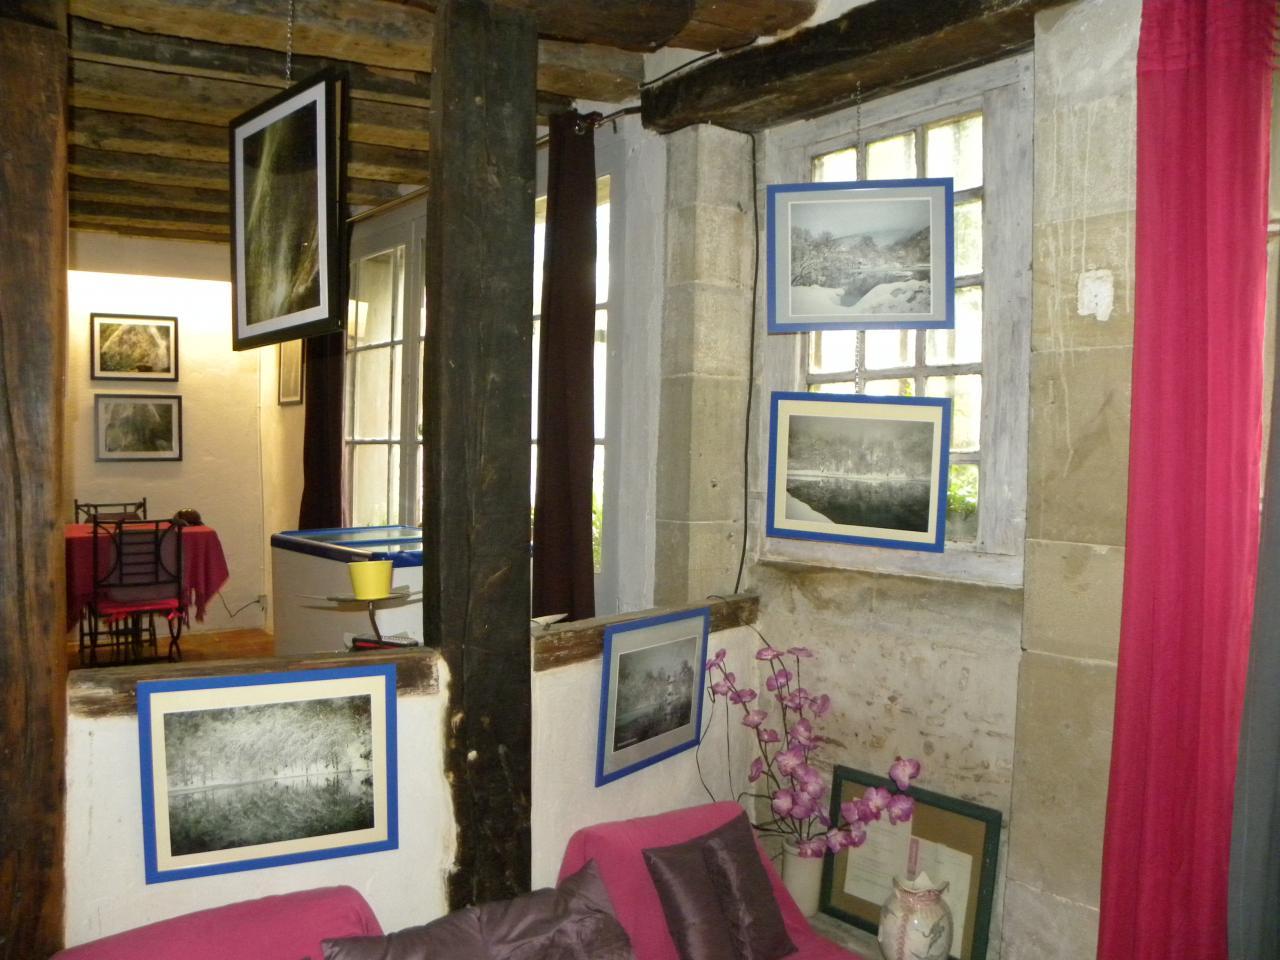 Paysages d'Alain Navarro, au salon de thé La Maison- Fanjeaux